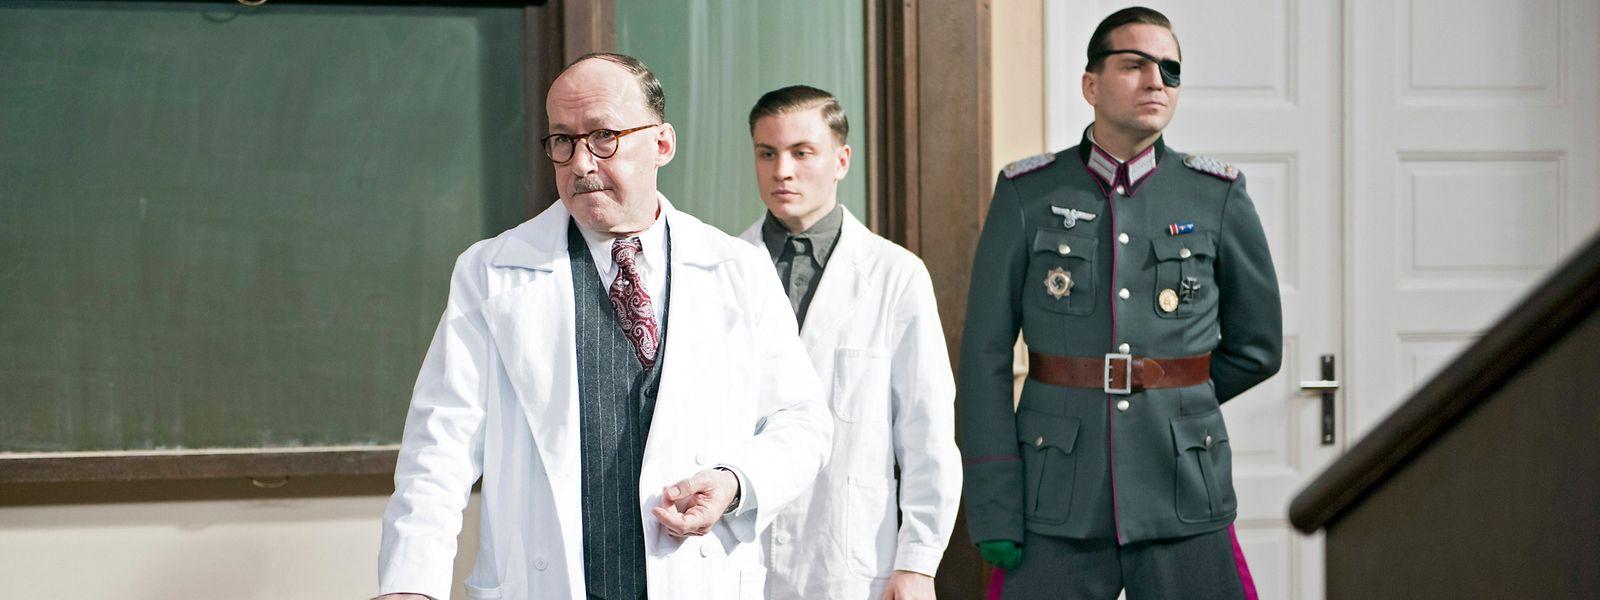 Prof. Sauerbruch (Ulrich Noethen, l.), Otto Marquardt (Jannik Schümann, M.) und Claus Schenk Graf von Stauffenberg (Pierre Kiwitt, r.) im Hörsaal der Charité.